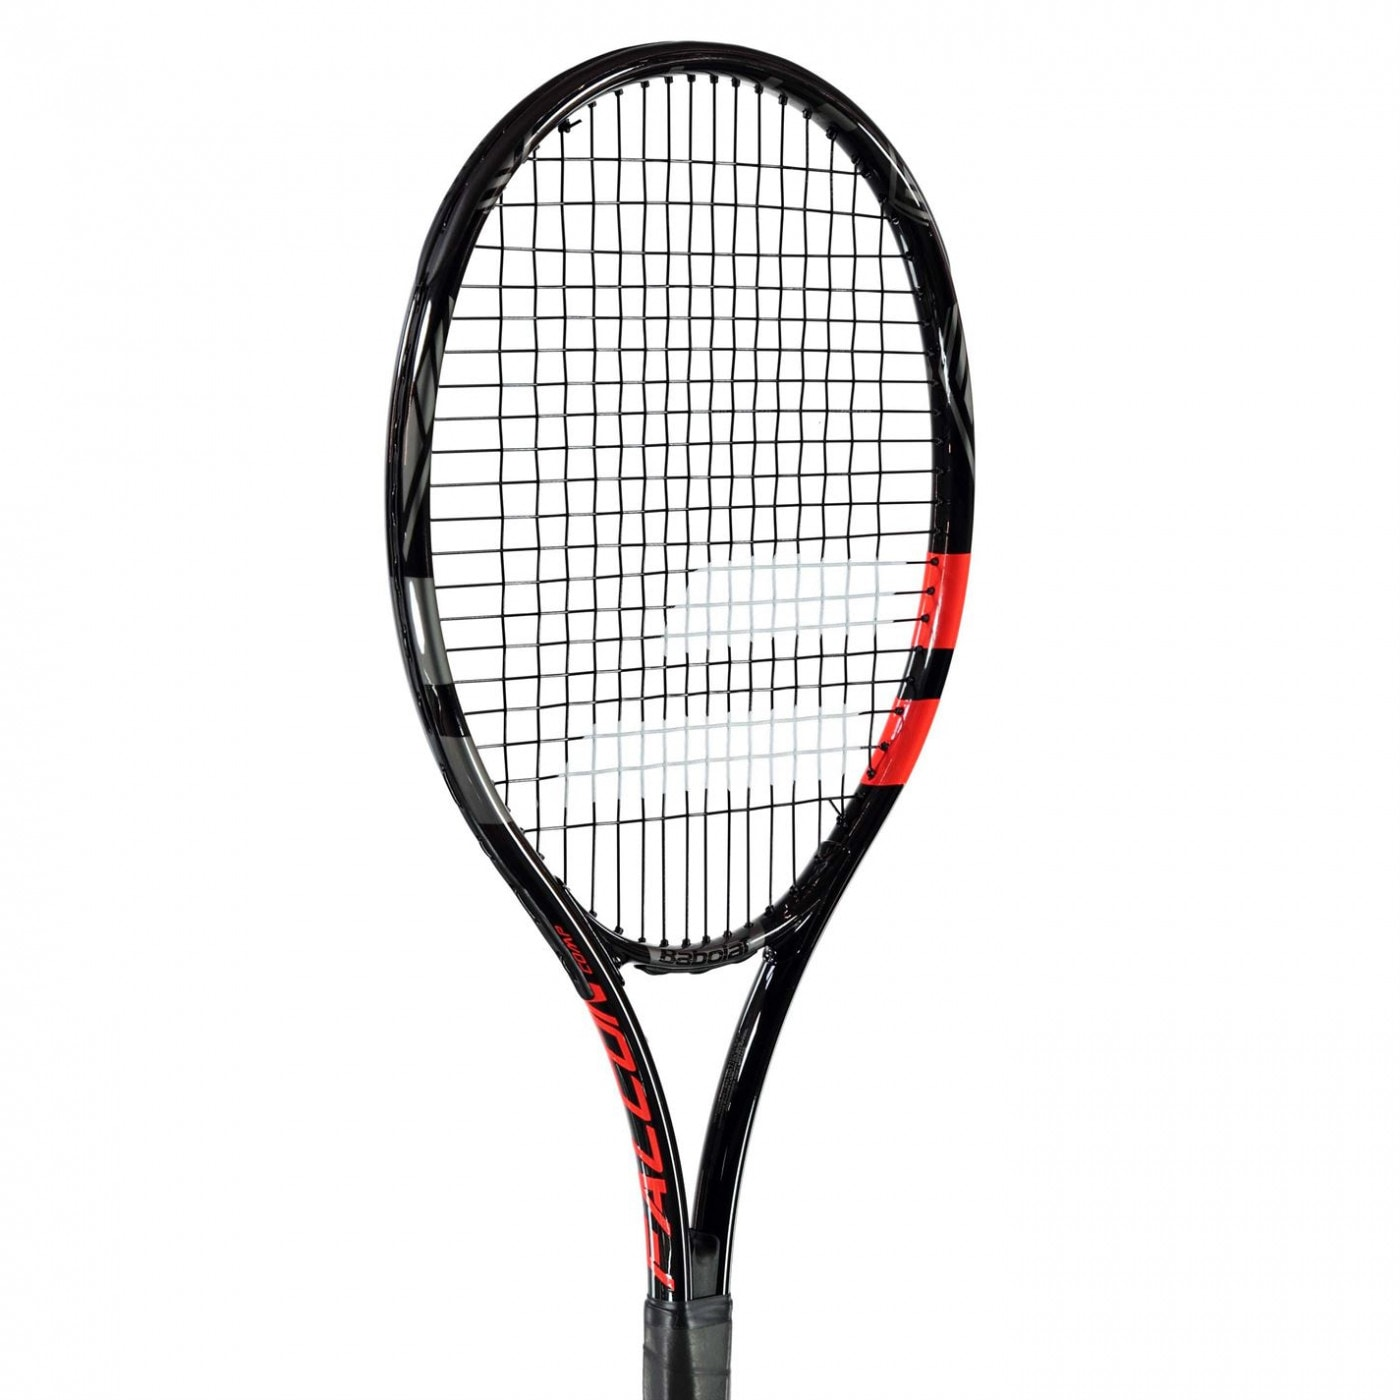 Babolat Falcon Comp Tennis Racket